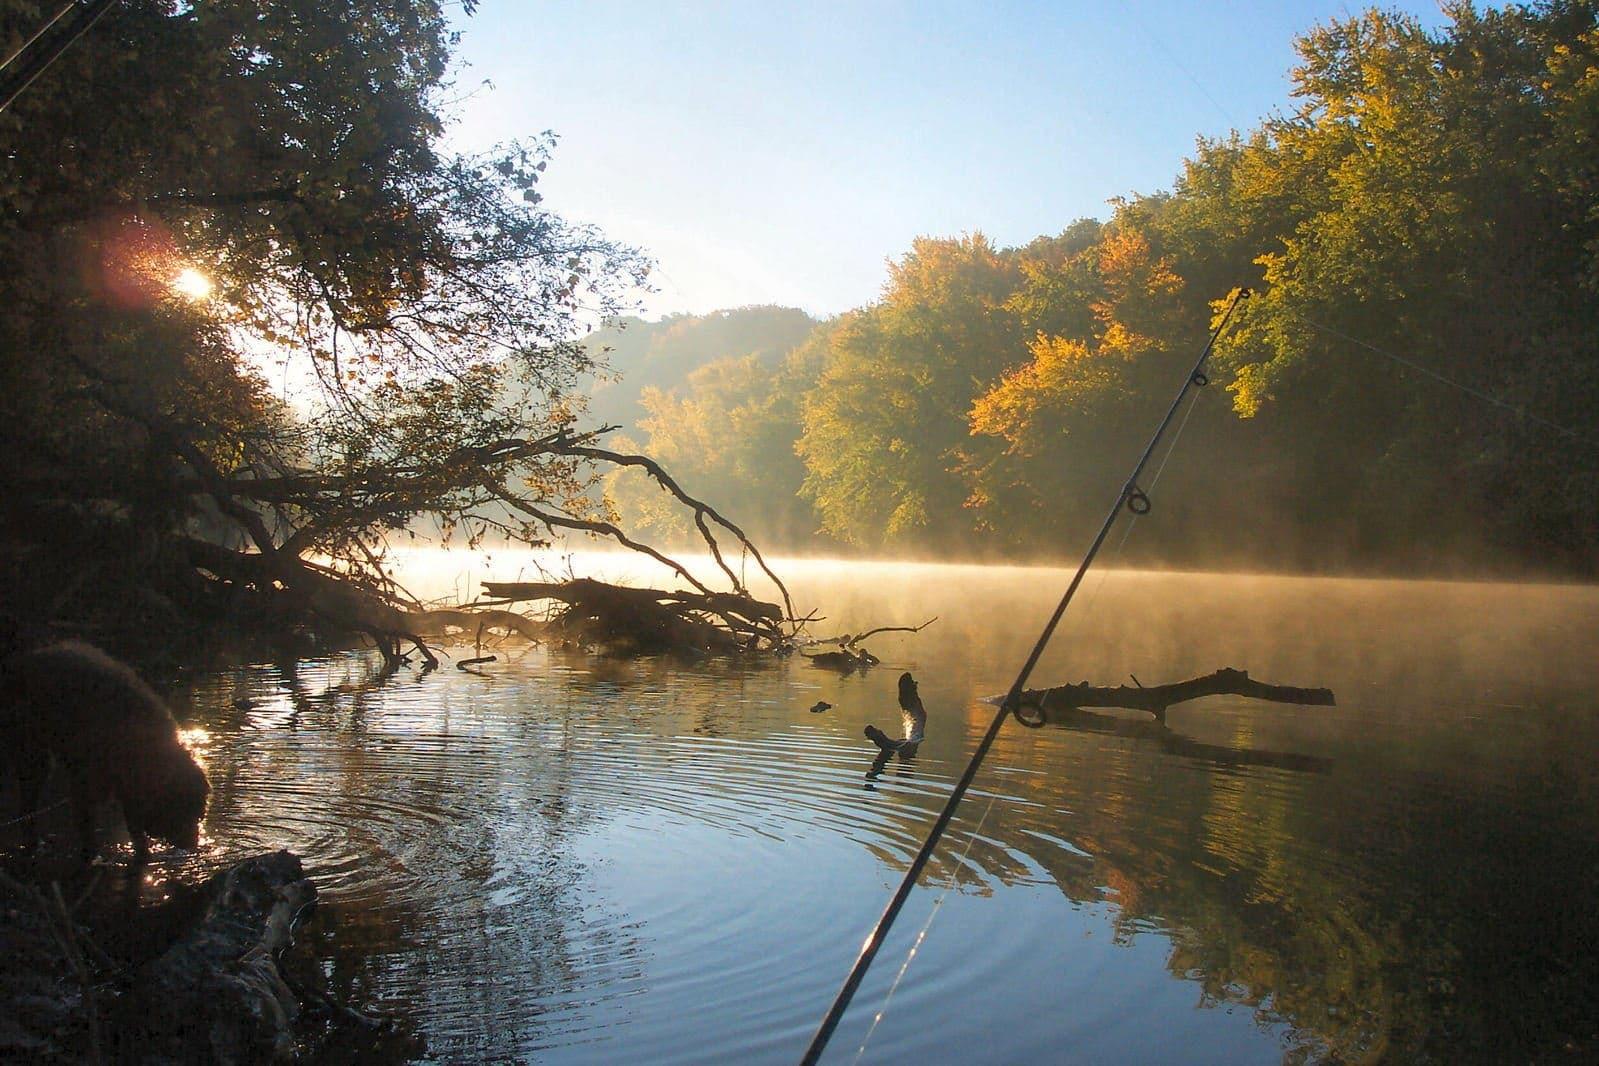 Ловля леща на фидер - ловля на течении и стоячей воде: осенью, летом